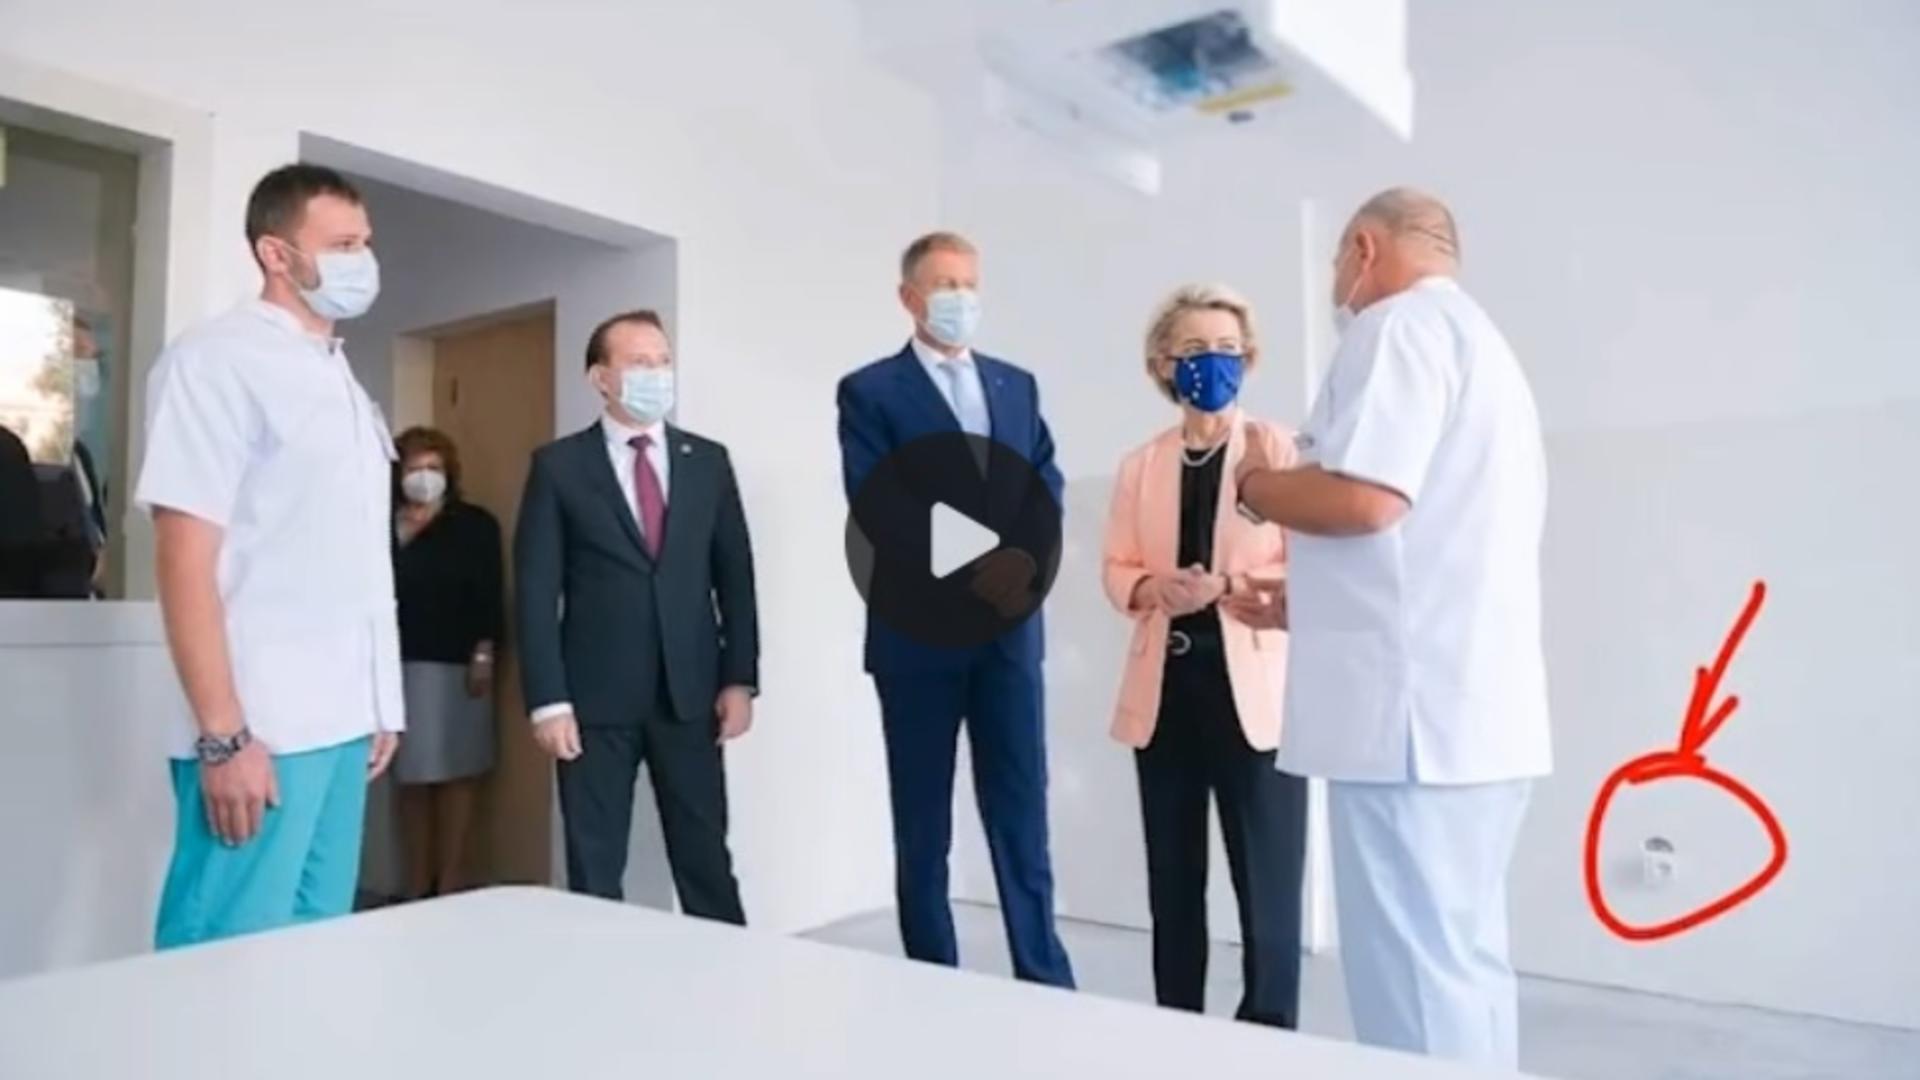 Fotografie virală după vizita șefei Comisiei Europene, Ursula von der Leyen, la București